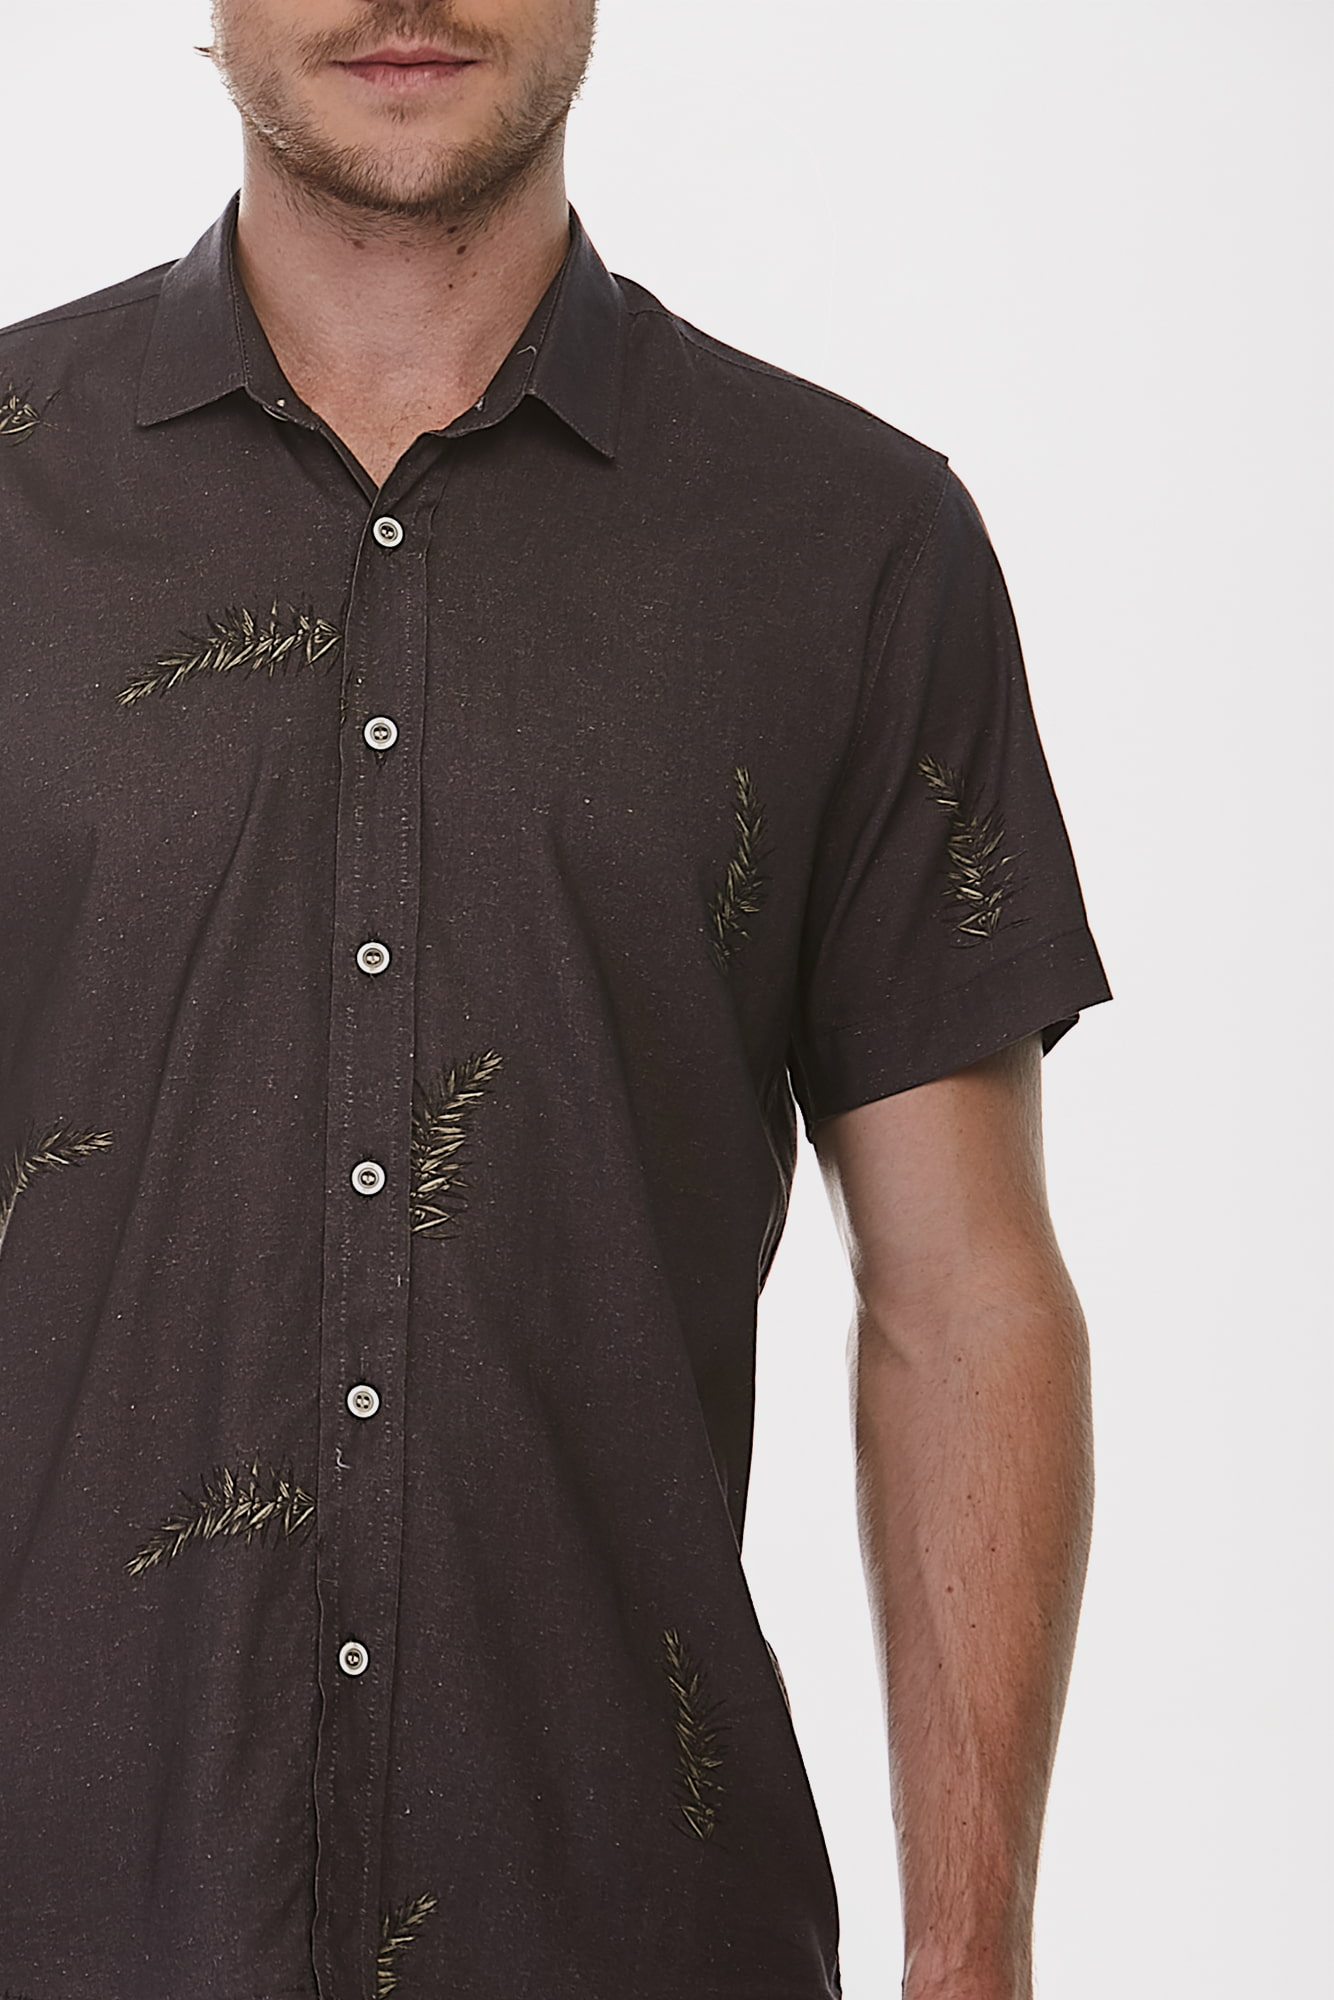 Camisa Social Mc Black And Gold